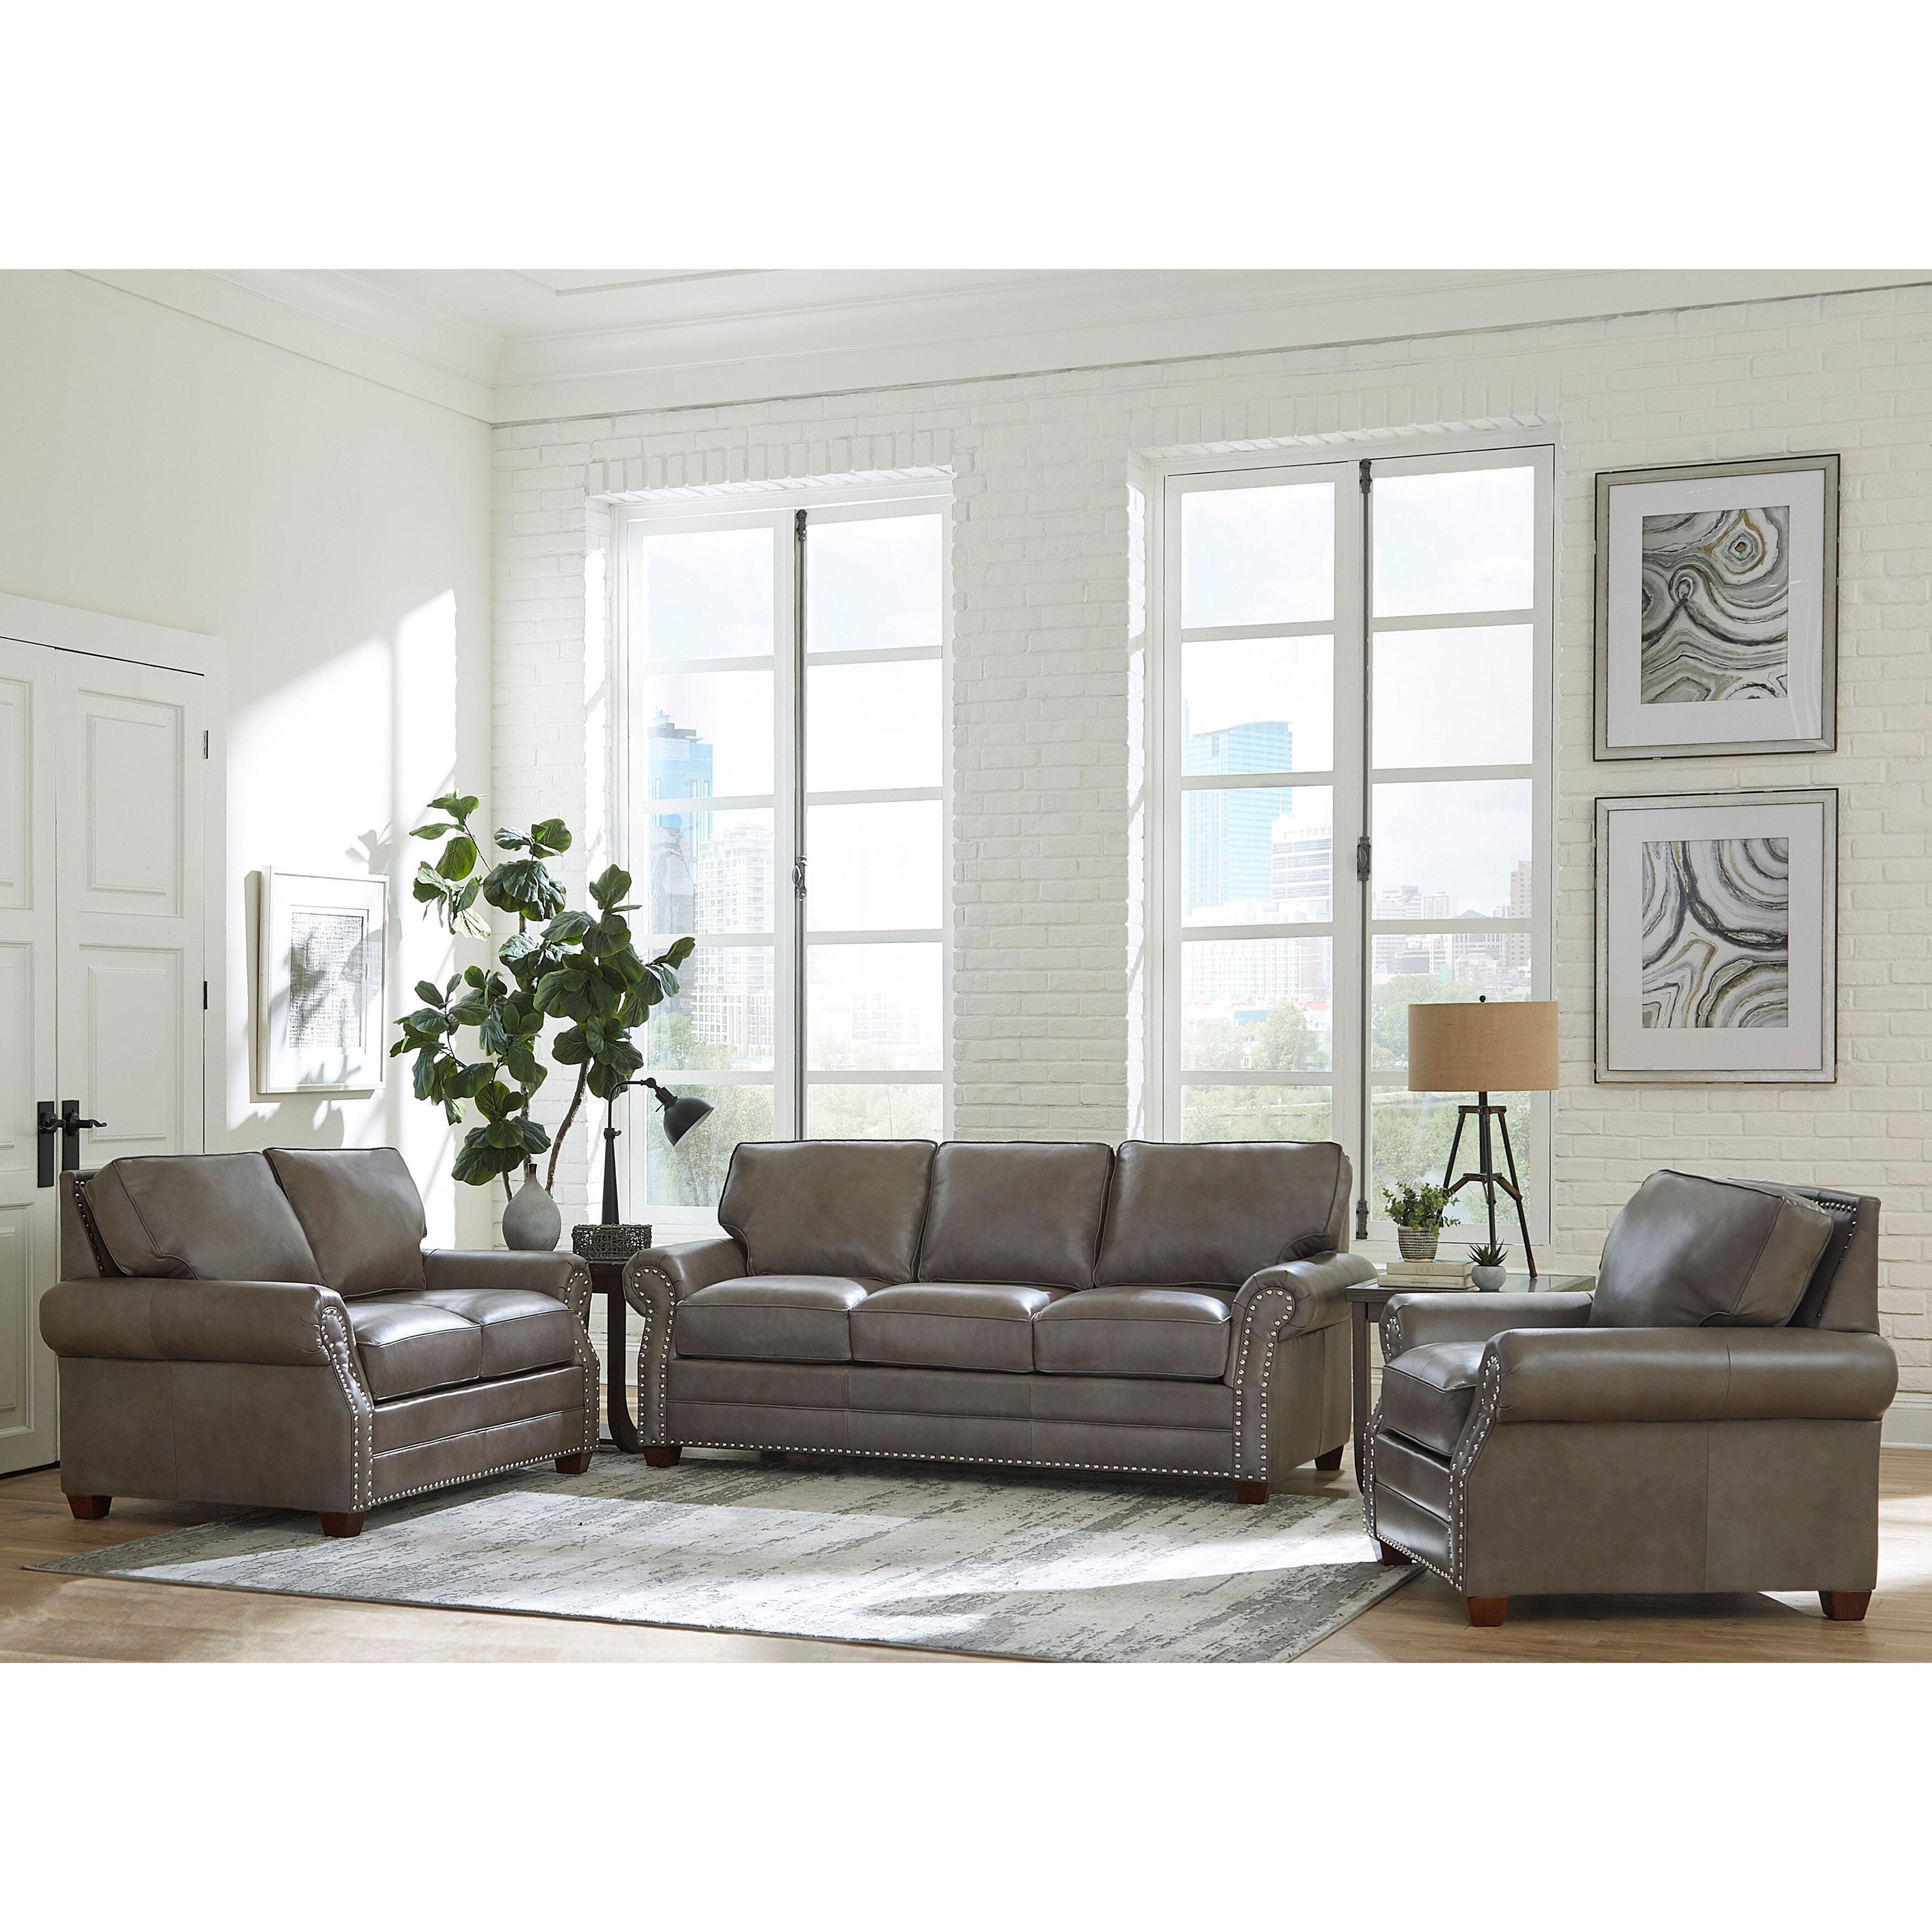 Pedigo 6 Piece Leather Living Room Set